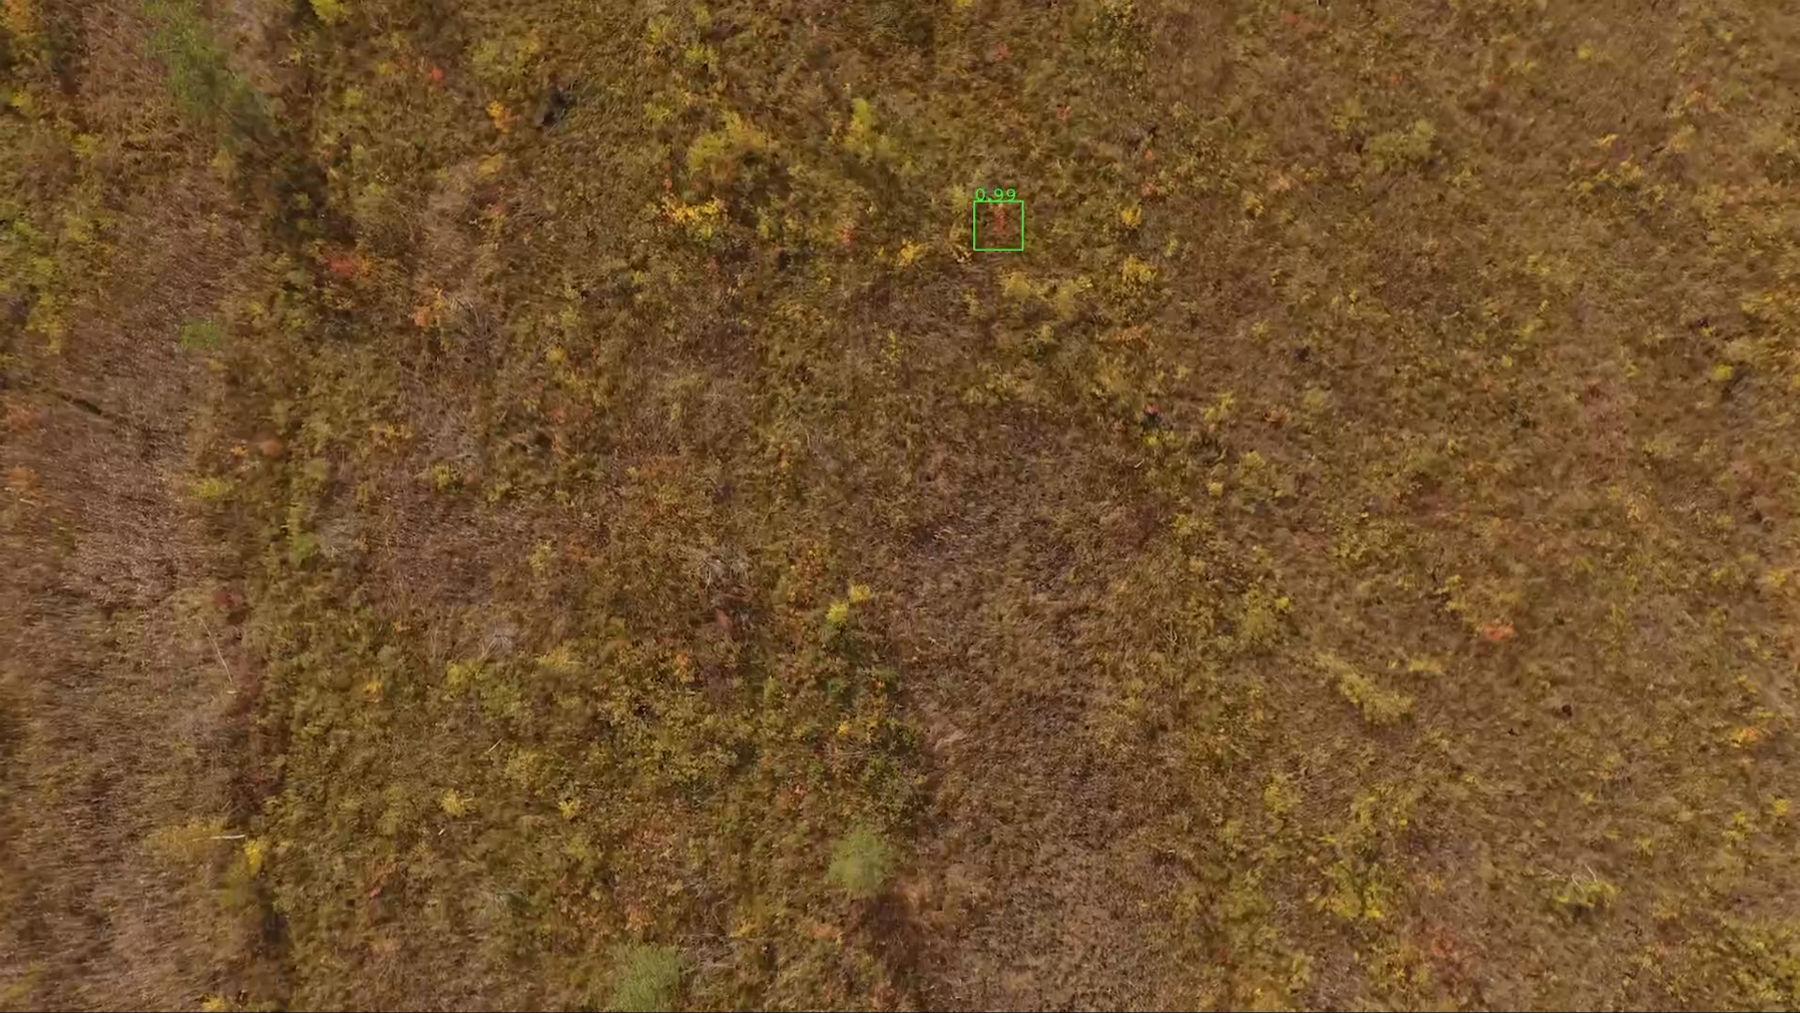 Лес не сдается технологиям поиска, но инженеры наносят ответный удар - 2